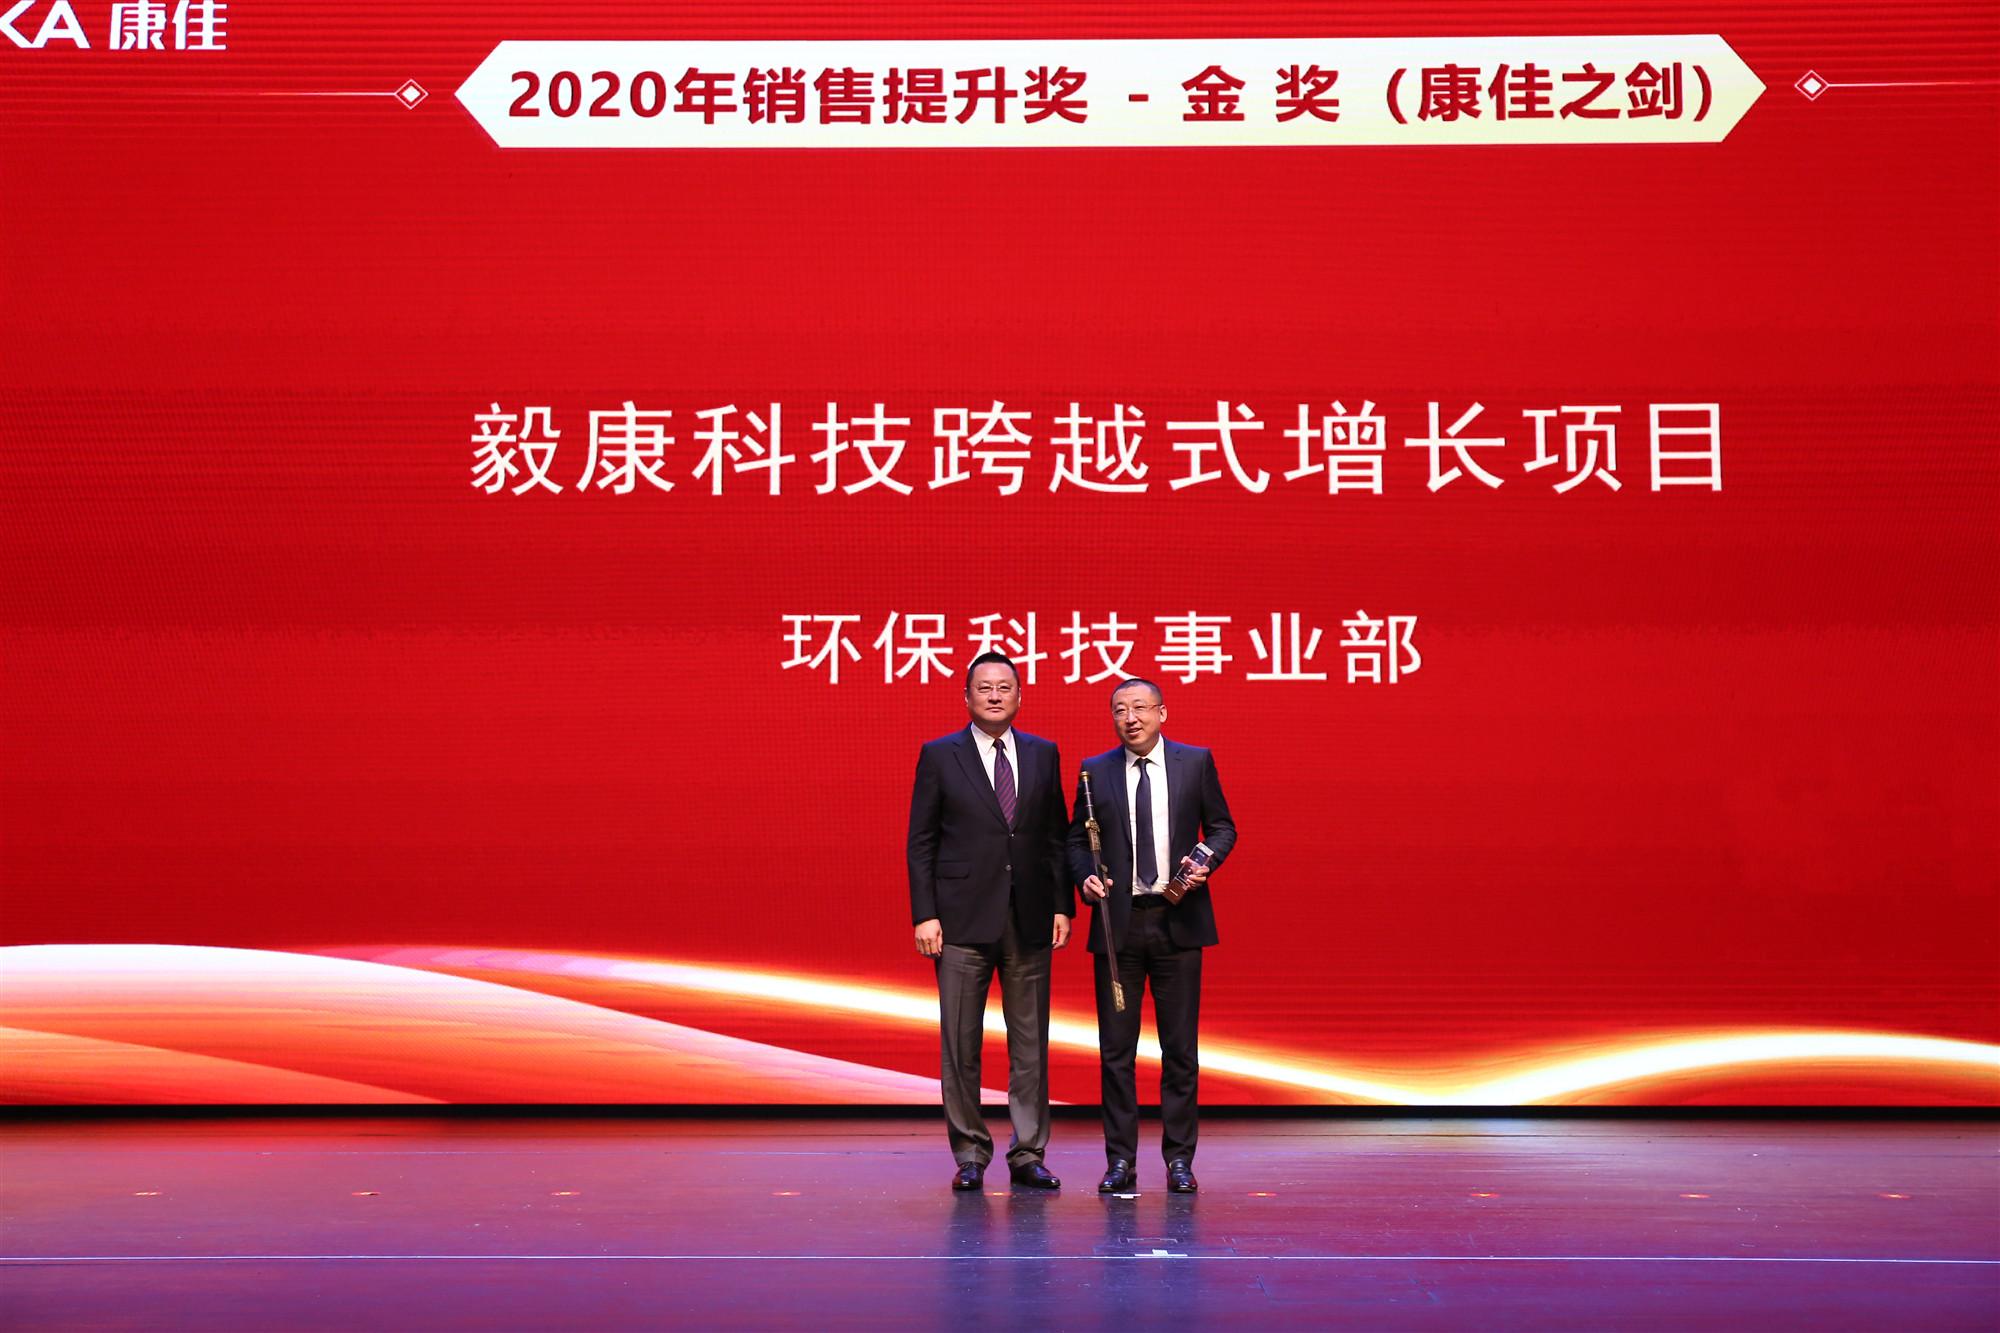 """毅康科技有限公司荣获康佳集团2020年度最高奖项""""康佳之剑"""""""